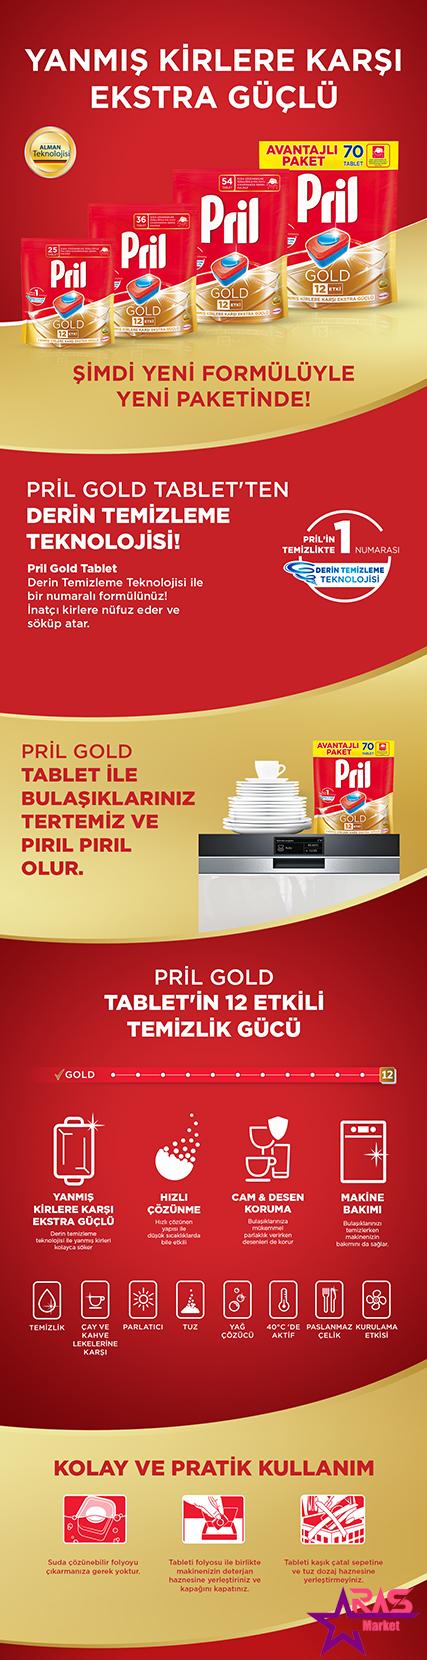 قرص ماشین ظرفشویی پریل طلایی 70 عددی ، خرید اینترنتی محصولات شوینده و بهداشتی ، ارس مارکت ، pril dishwasher tablets